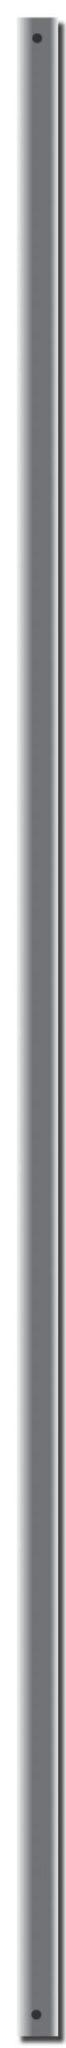 Tige Pour Ventilateur – Canarm – DR3651